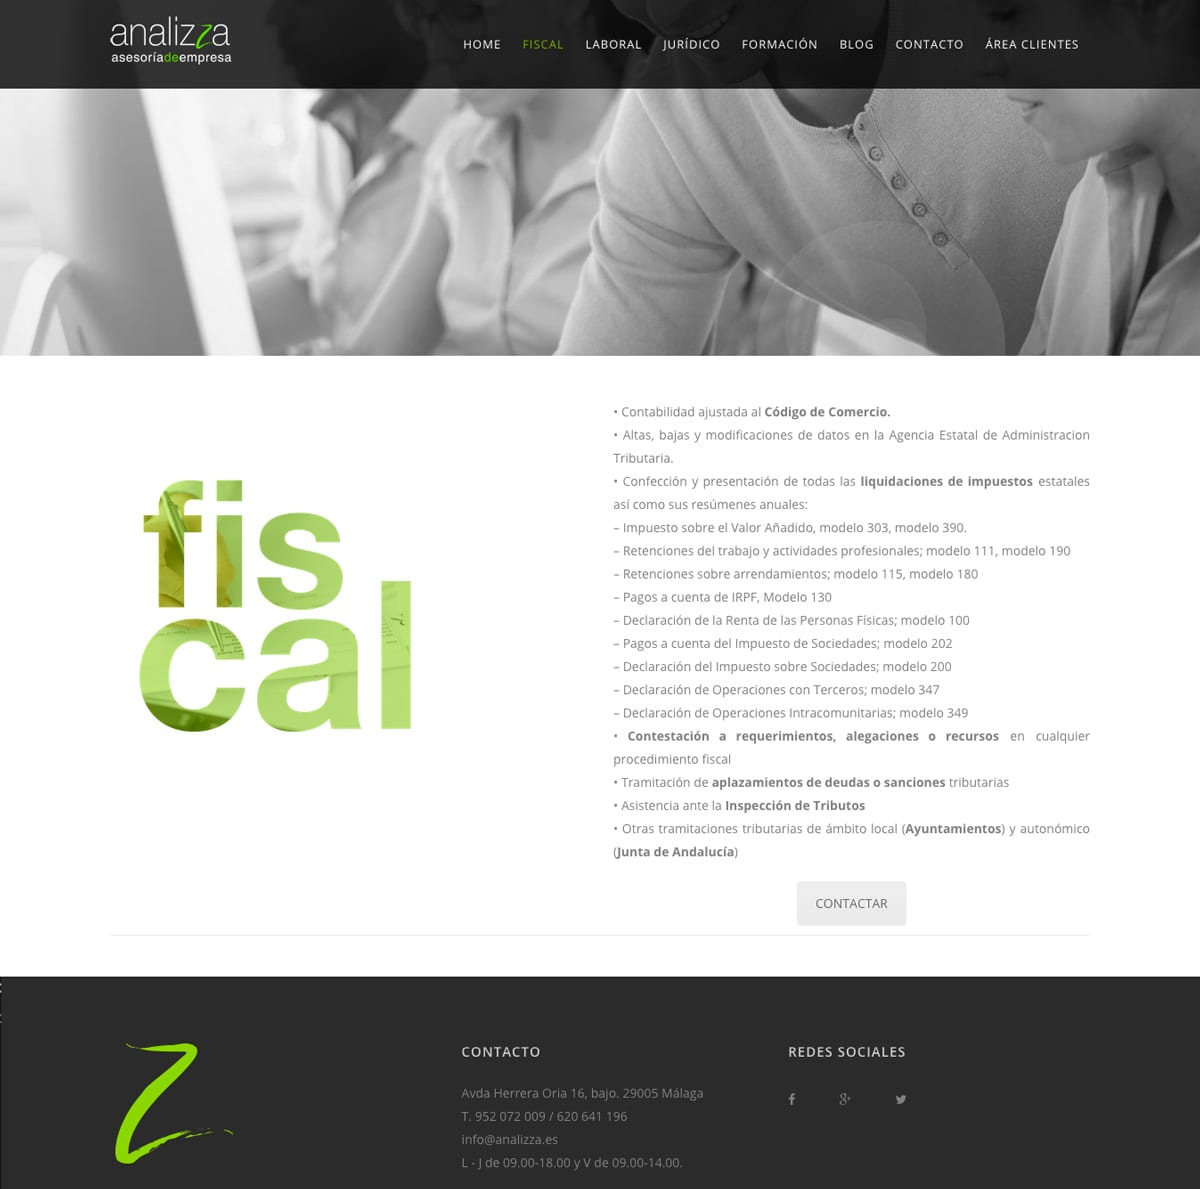 diseño de pagina web descriptiva y funcional